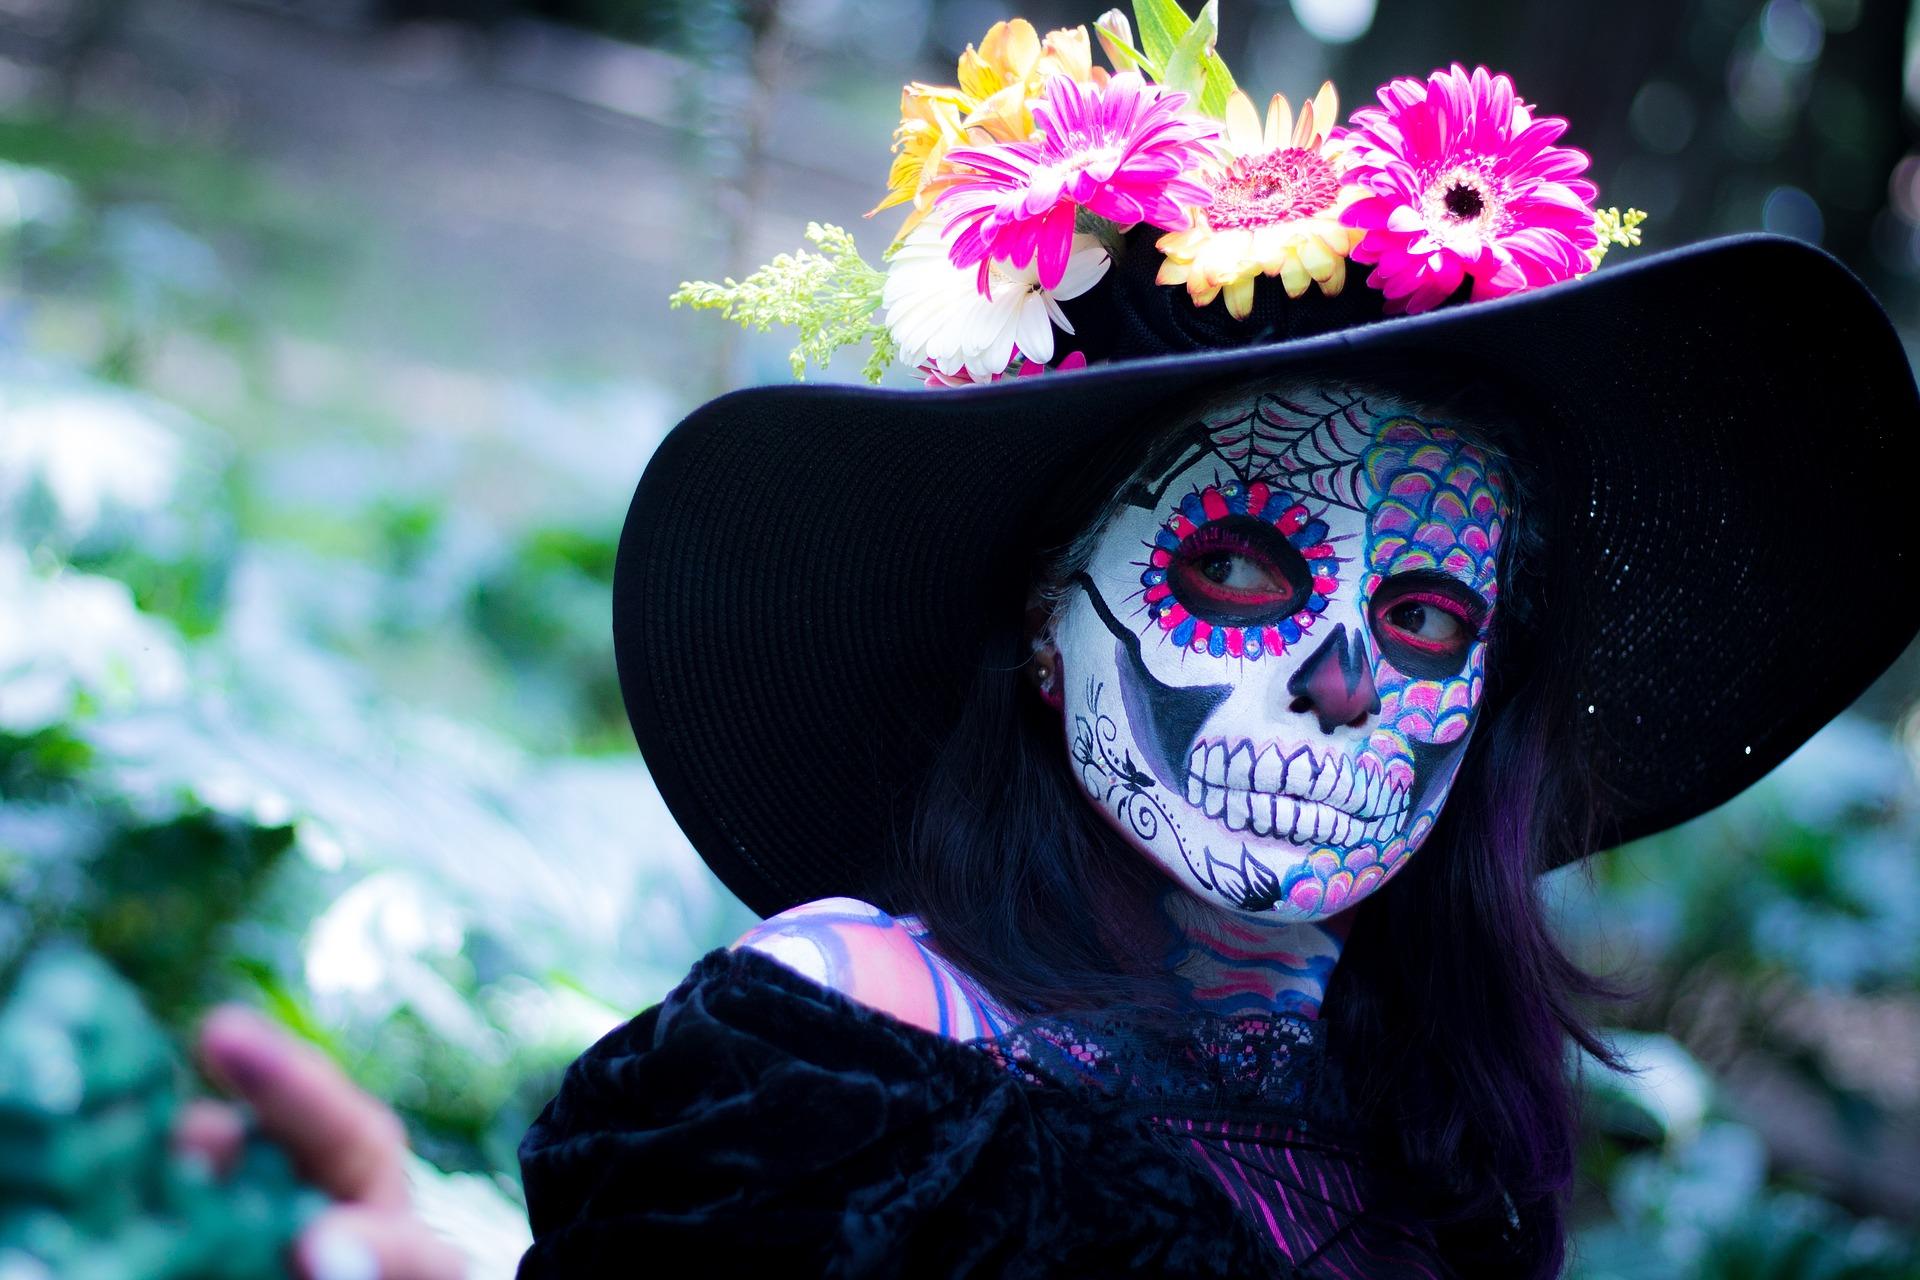 Wir haben kein gutes Bild von Mezcal, das nicht markenbezogen ist und die Frau auf diesem gemeinfreien Bild von hier sieht gut aus, fällt auf und feiert immerhin gerade in Mexico den Tag der Toten.